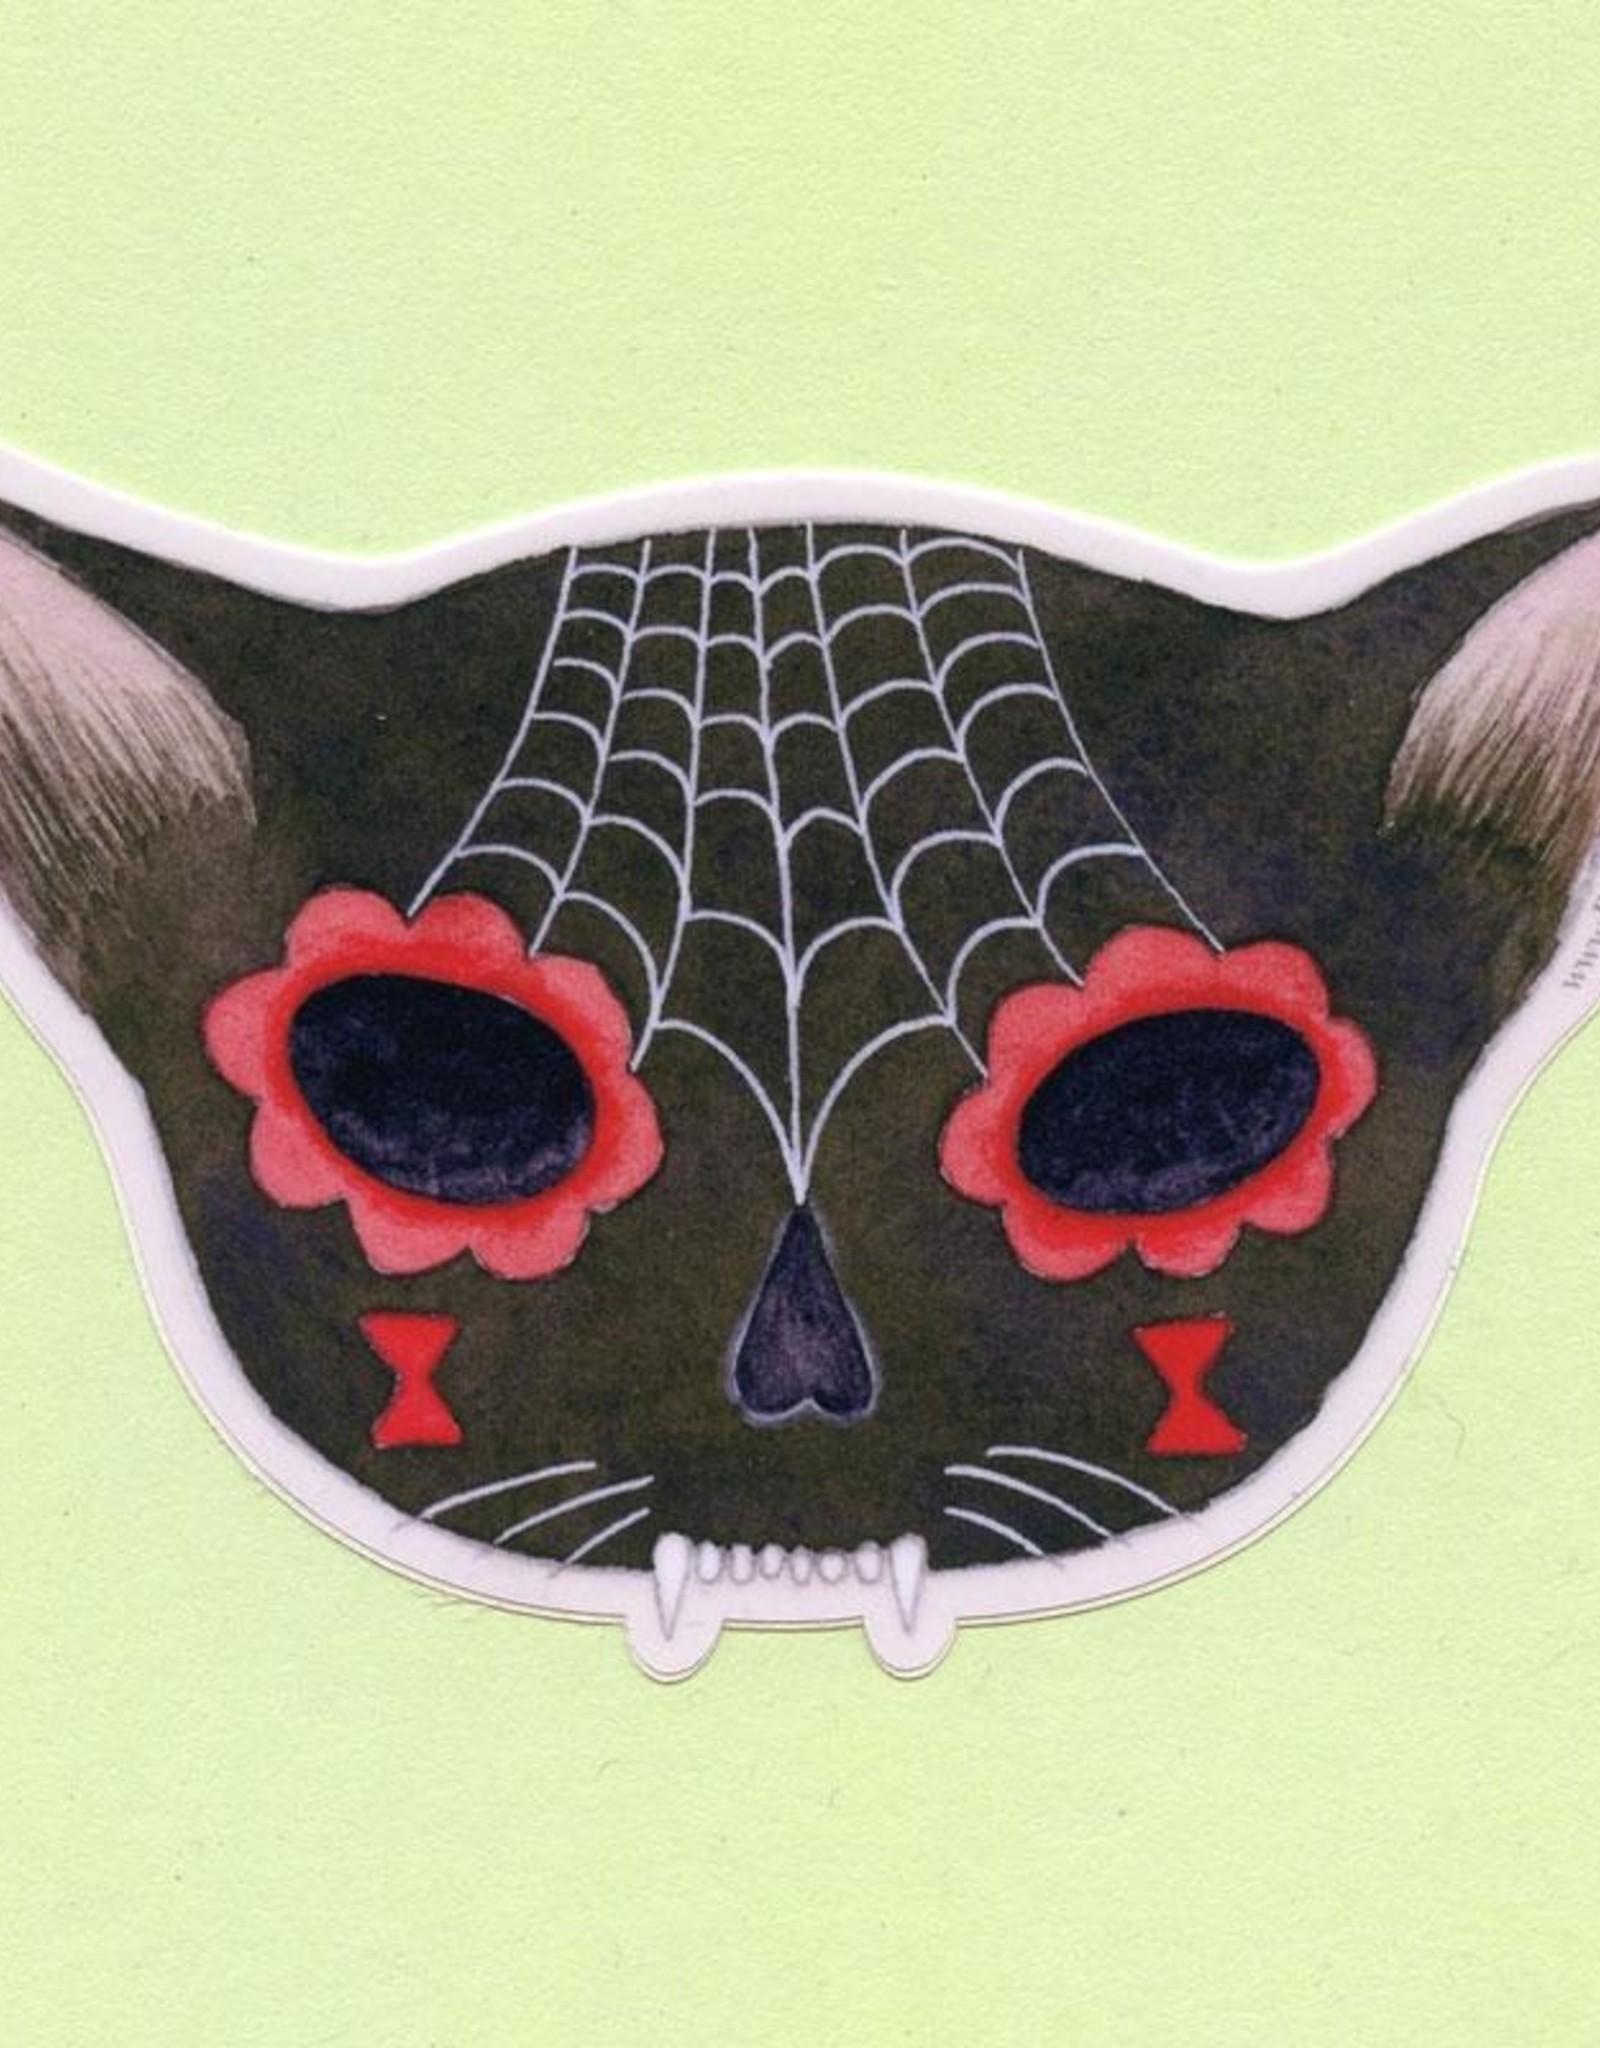 Bee's Knees Industries Vinyl Stickers by Bees Knees Industries